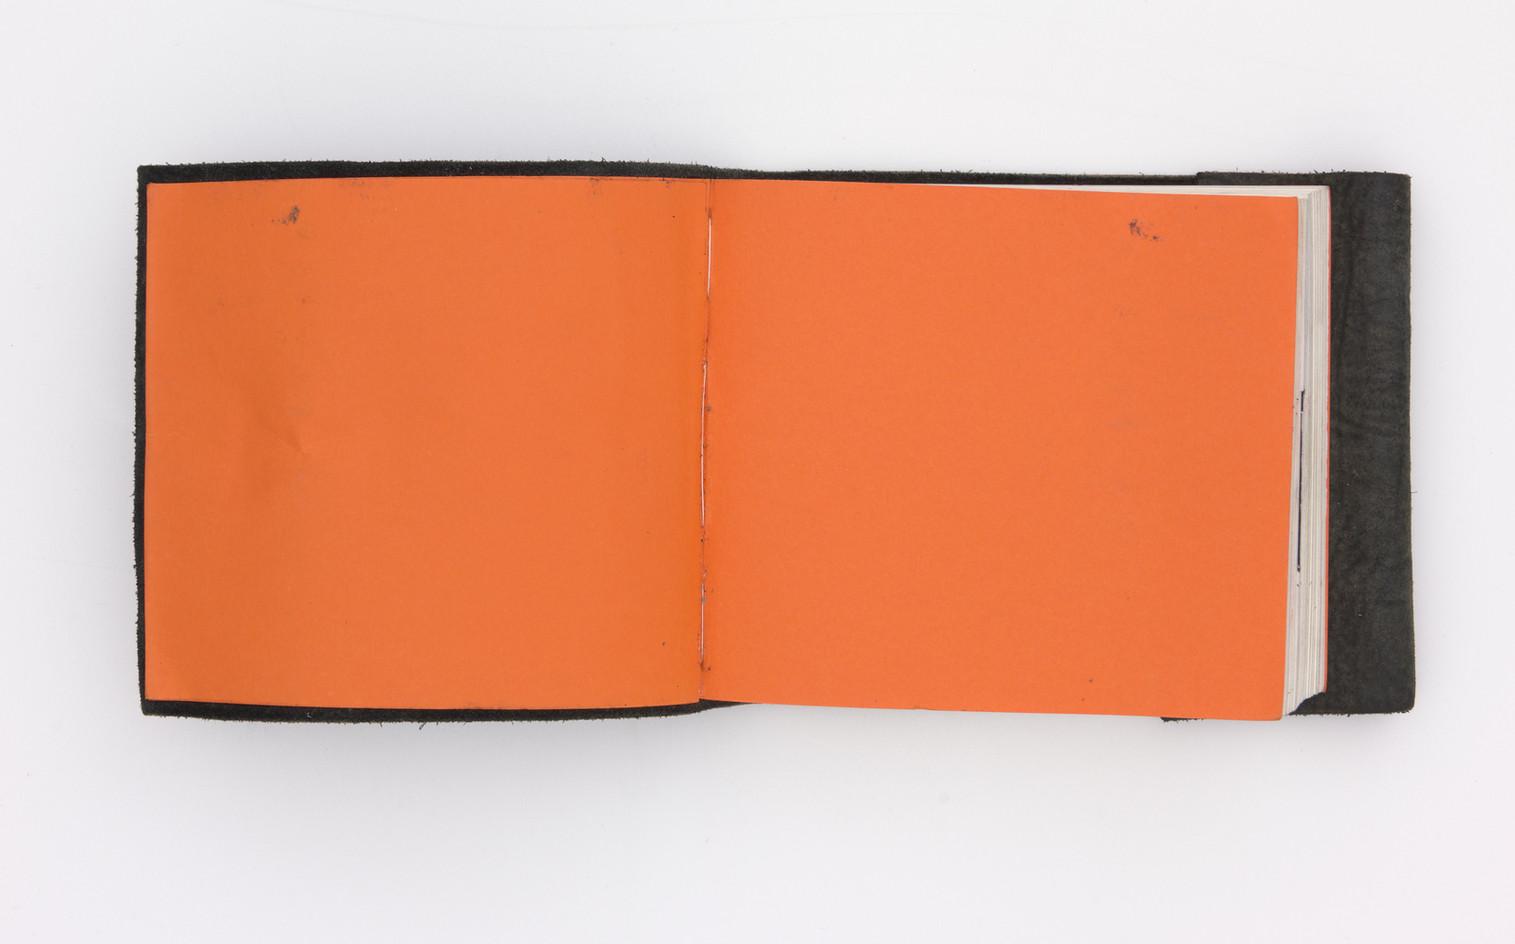 SmallBook-002.jpg